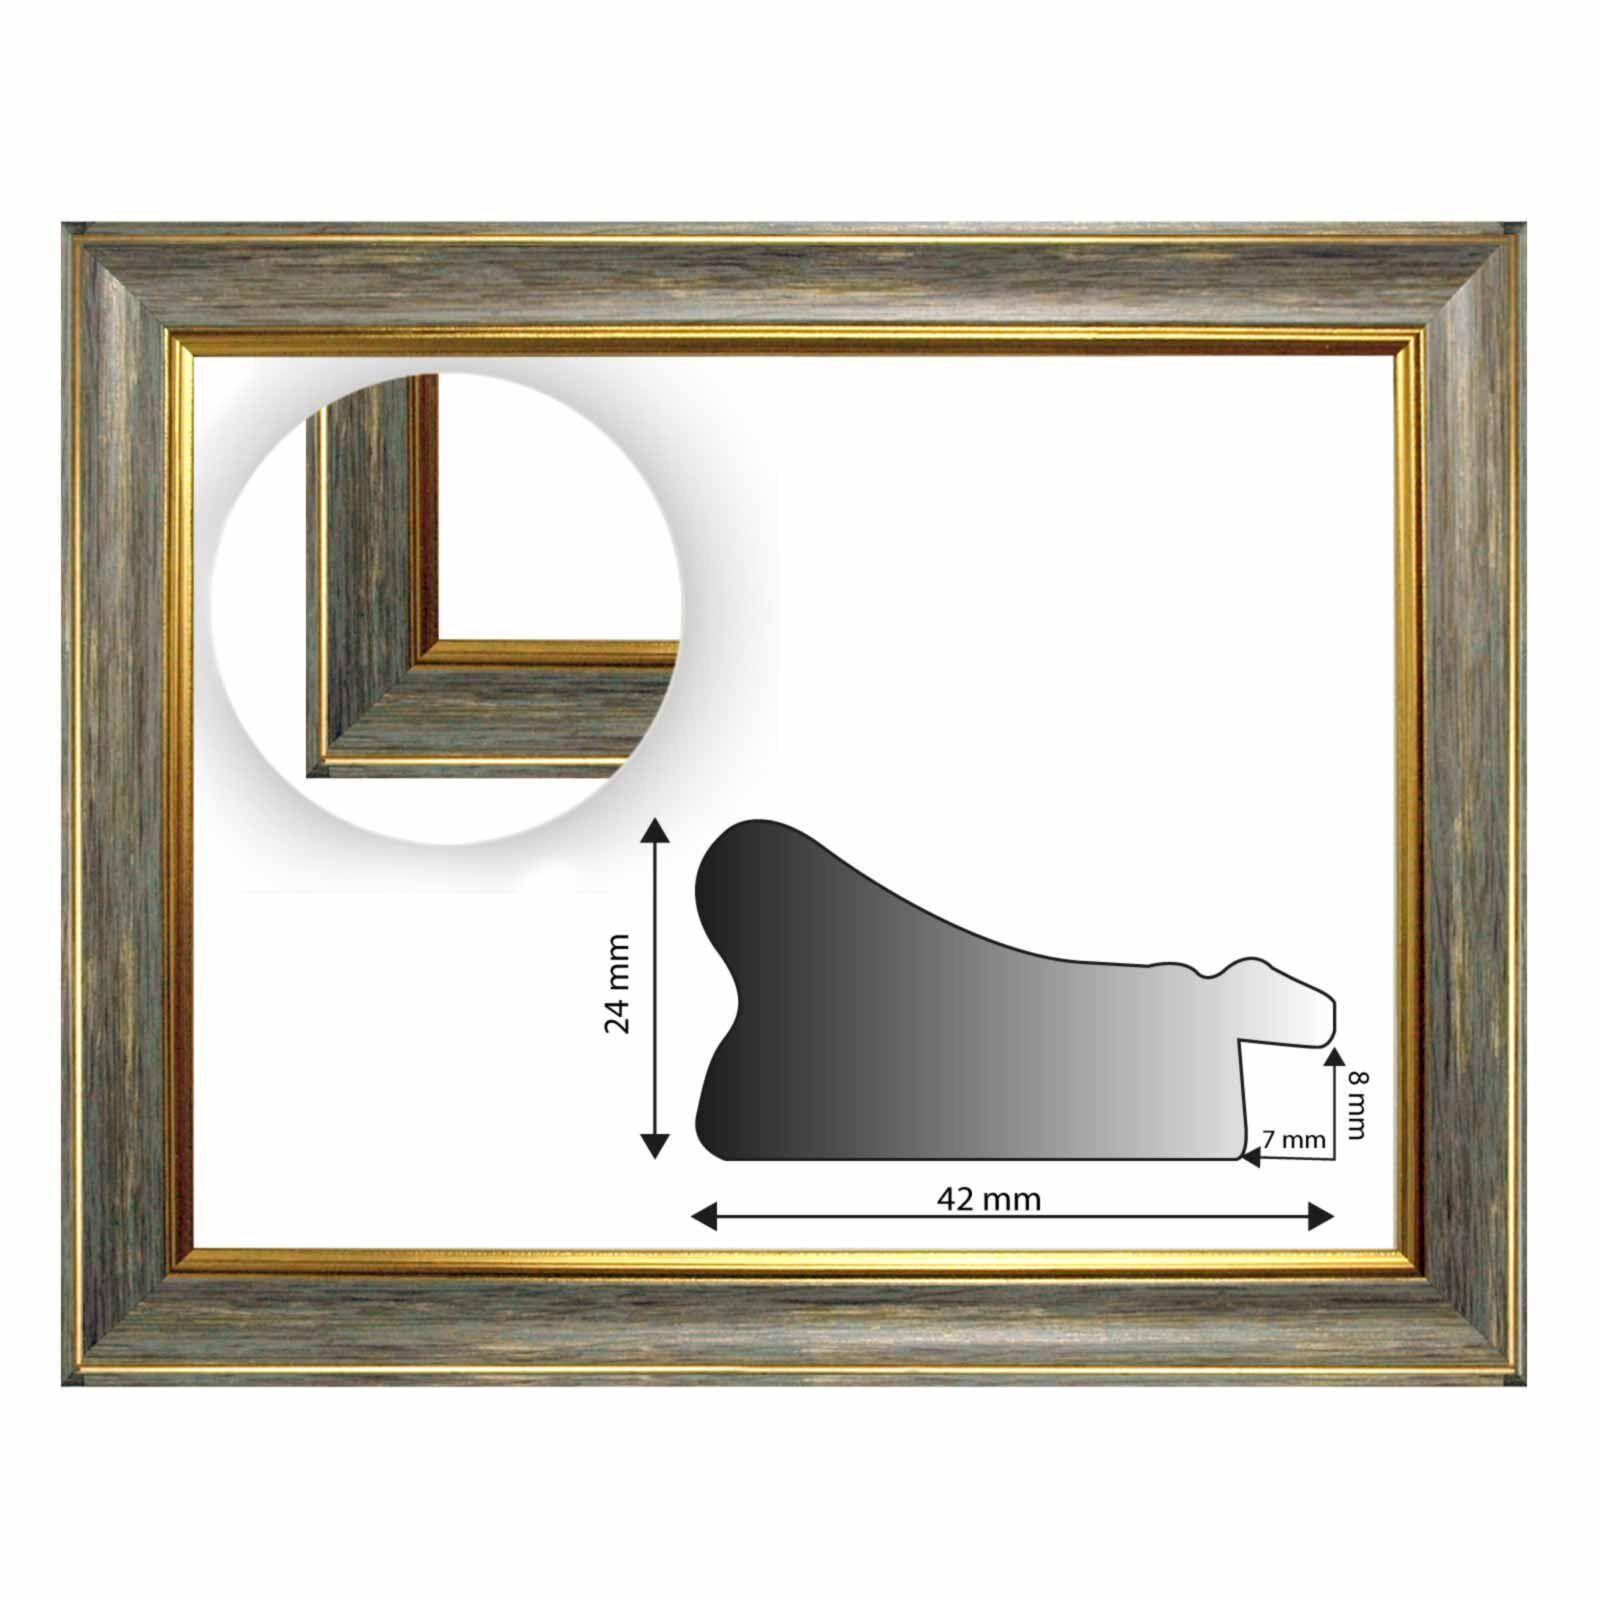 Baroque cadre 10941, 247 avec intérêt de tous gris avec 247 Or kannte, comme Découpe, leerrahHommes , Structure dde939